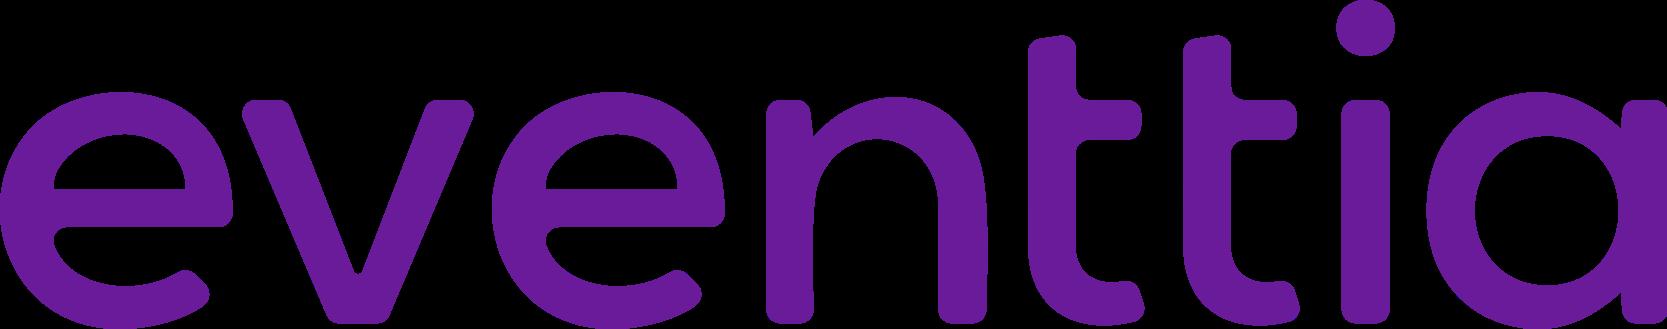 Eventia logo